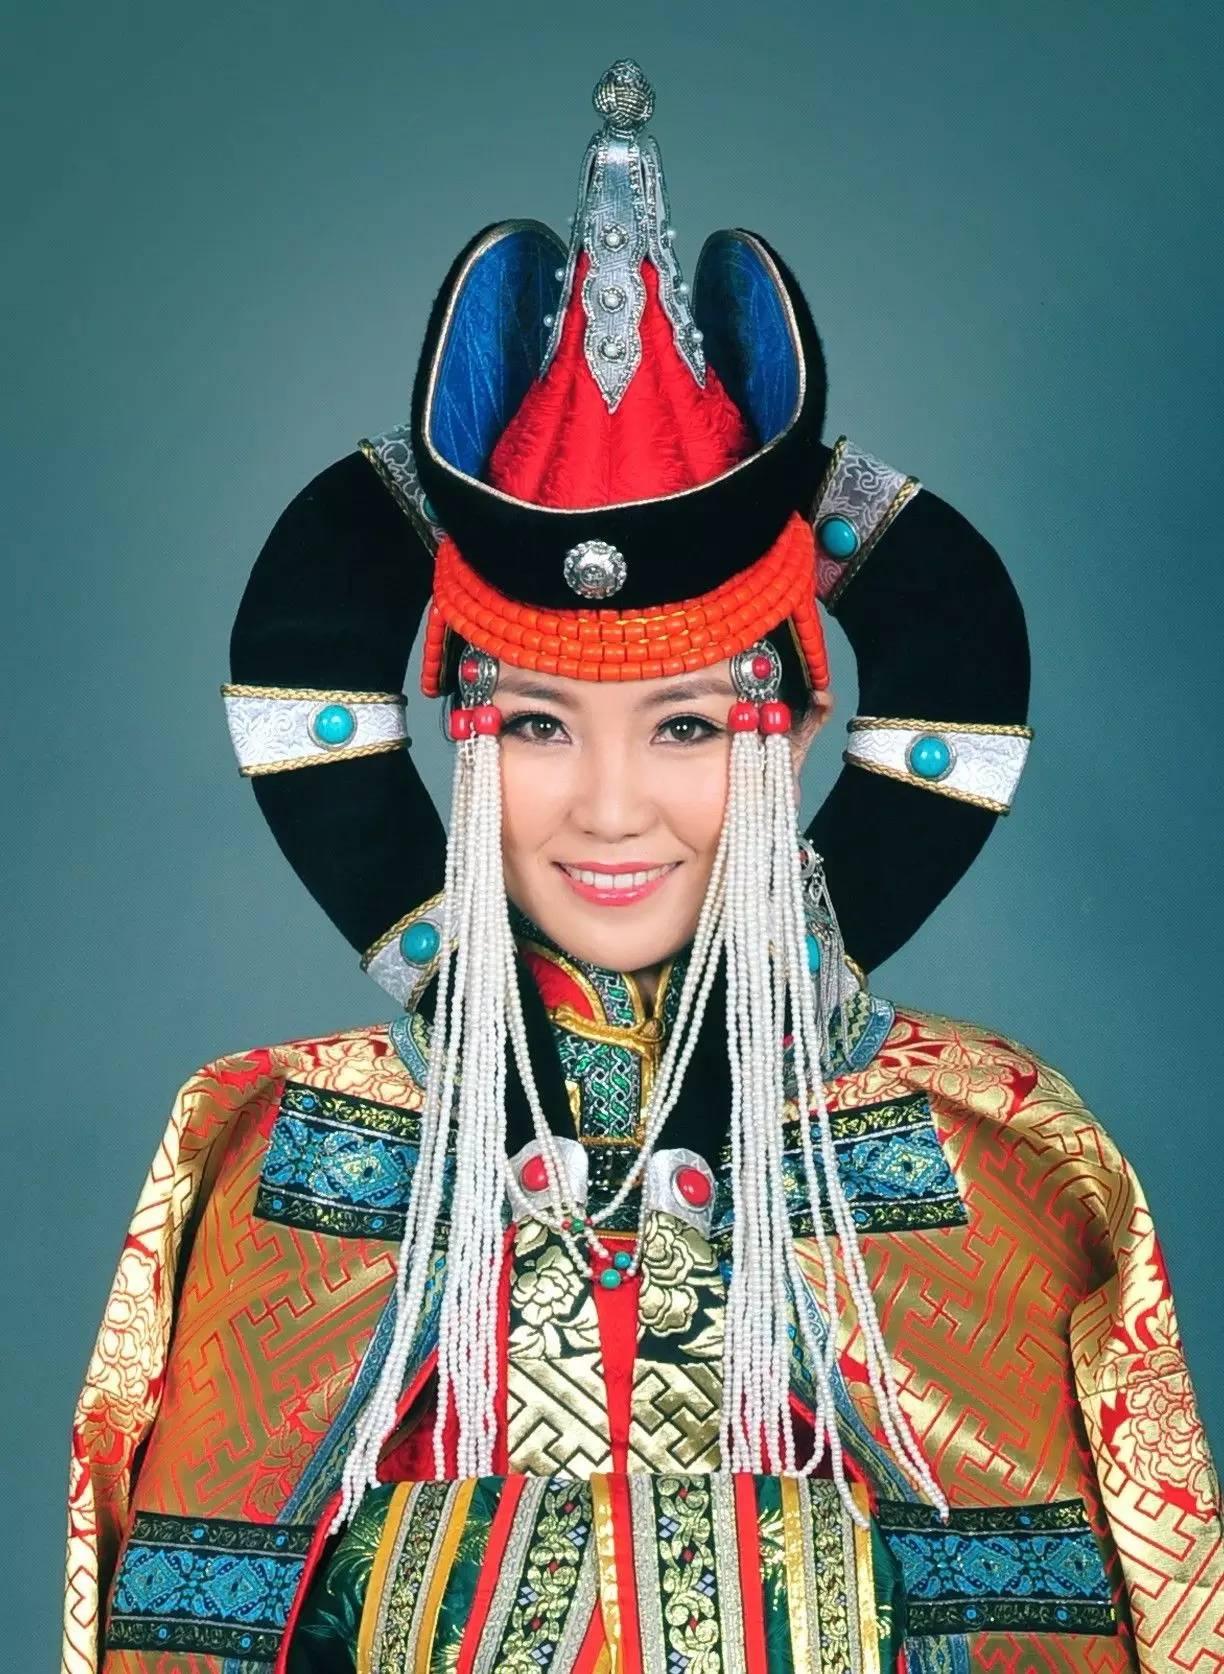 【阿努音乐】朝鲁孟《心中的故乡》2016年蒙古语春晚 第1张